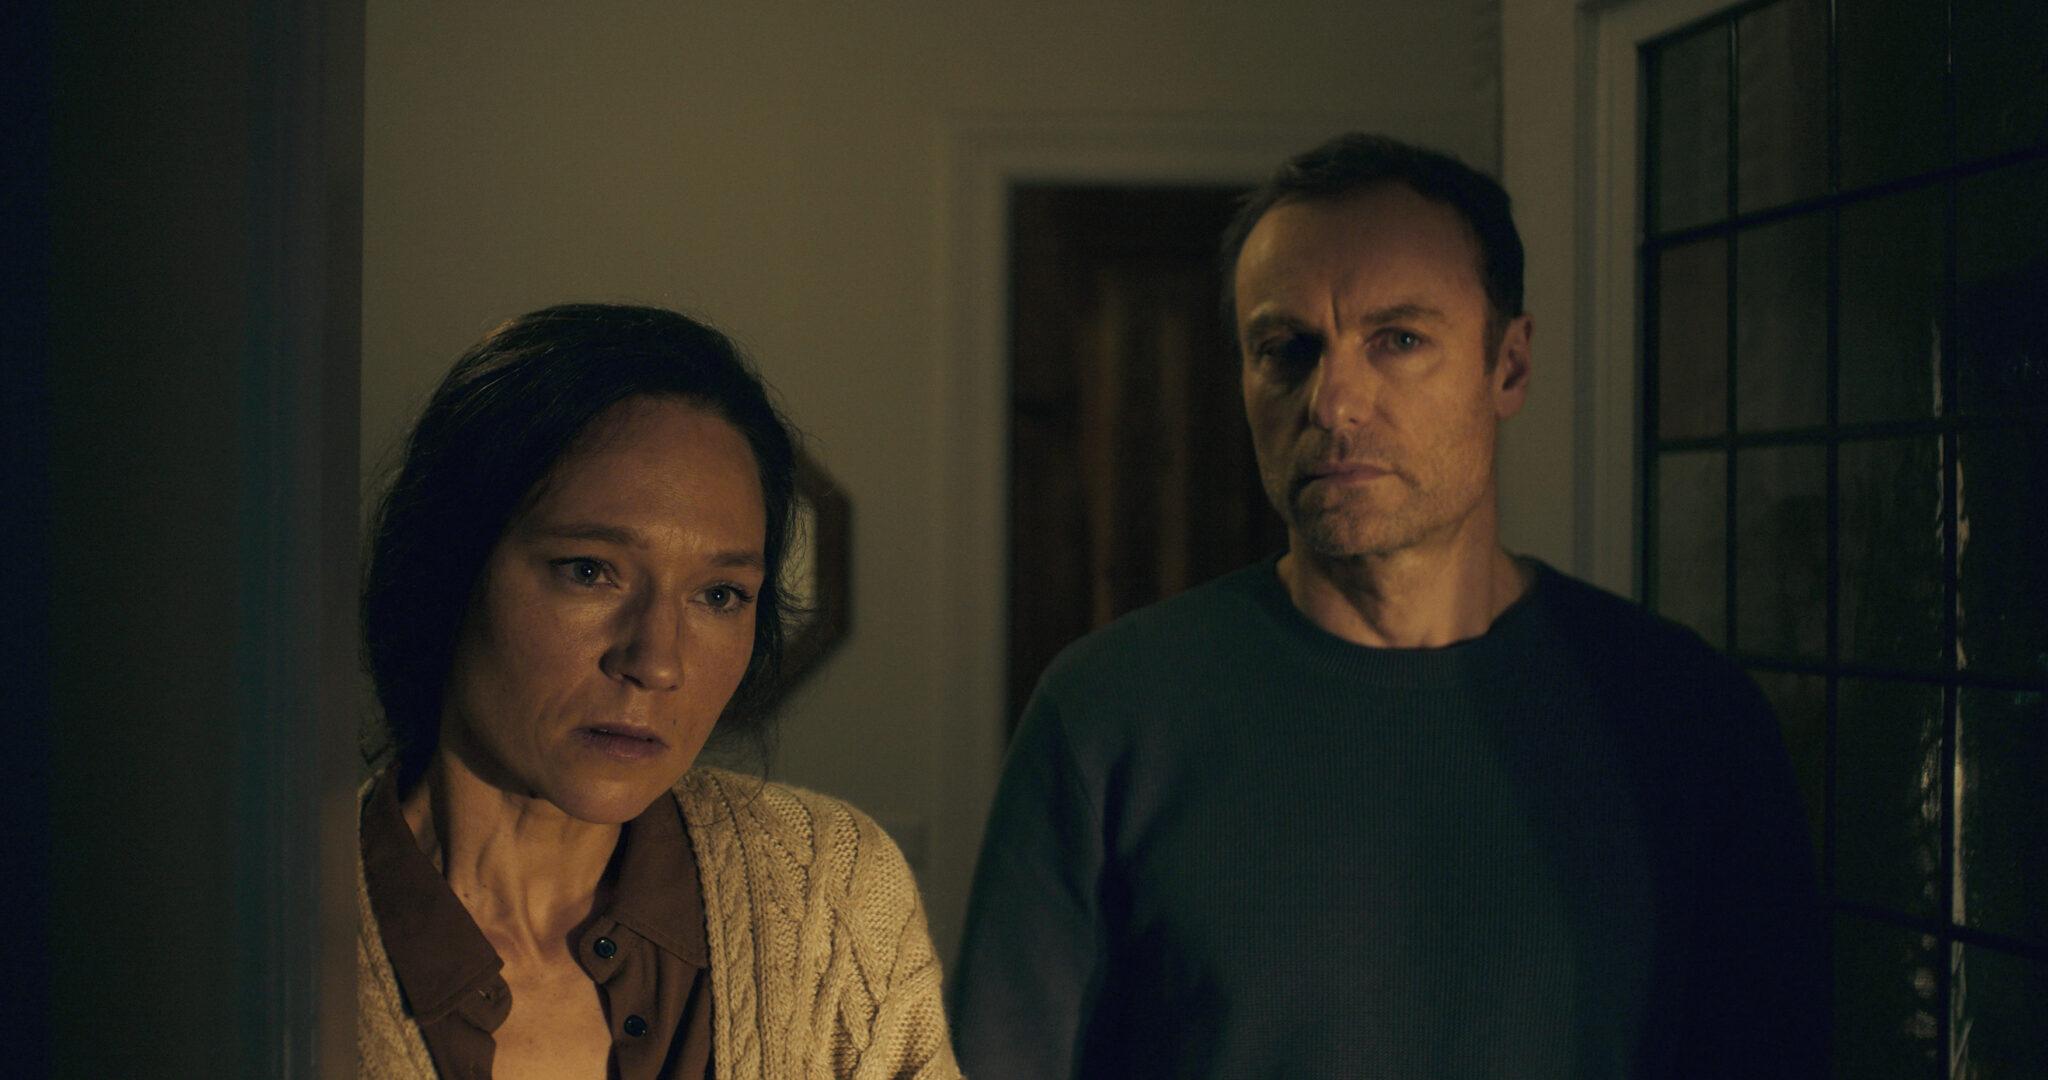 Nina (Sabine Timoteo) steht neben Jan (Mark Waschke) in einem verdunkelten Raum. Beide blicken nachdenklich in Richtung Betrachter.